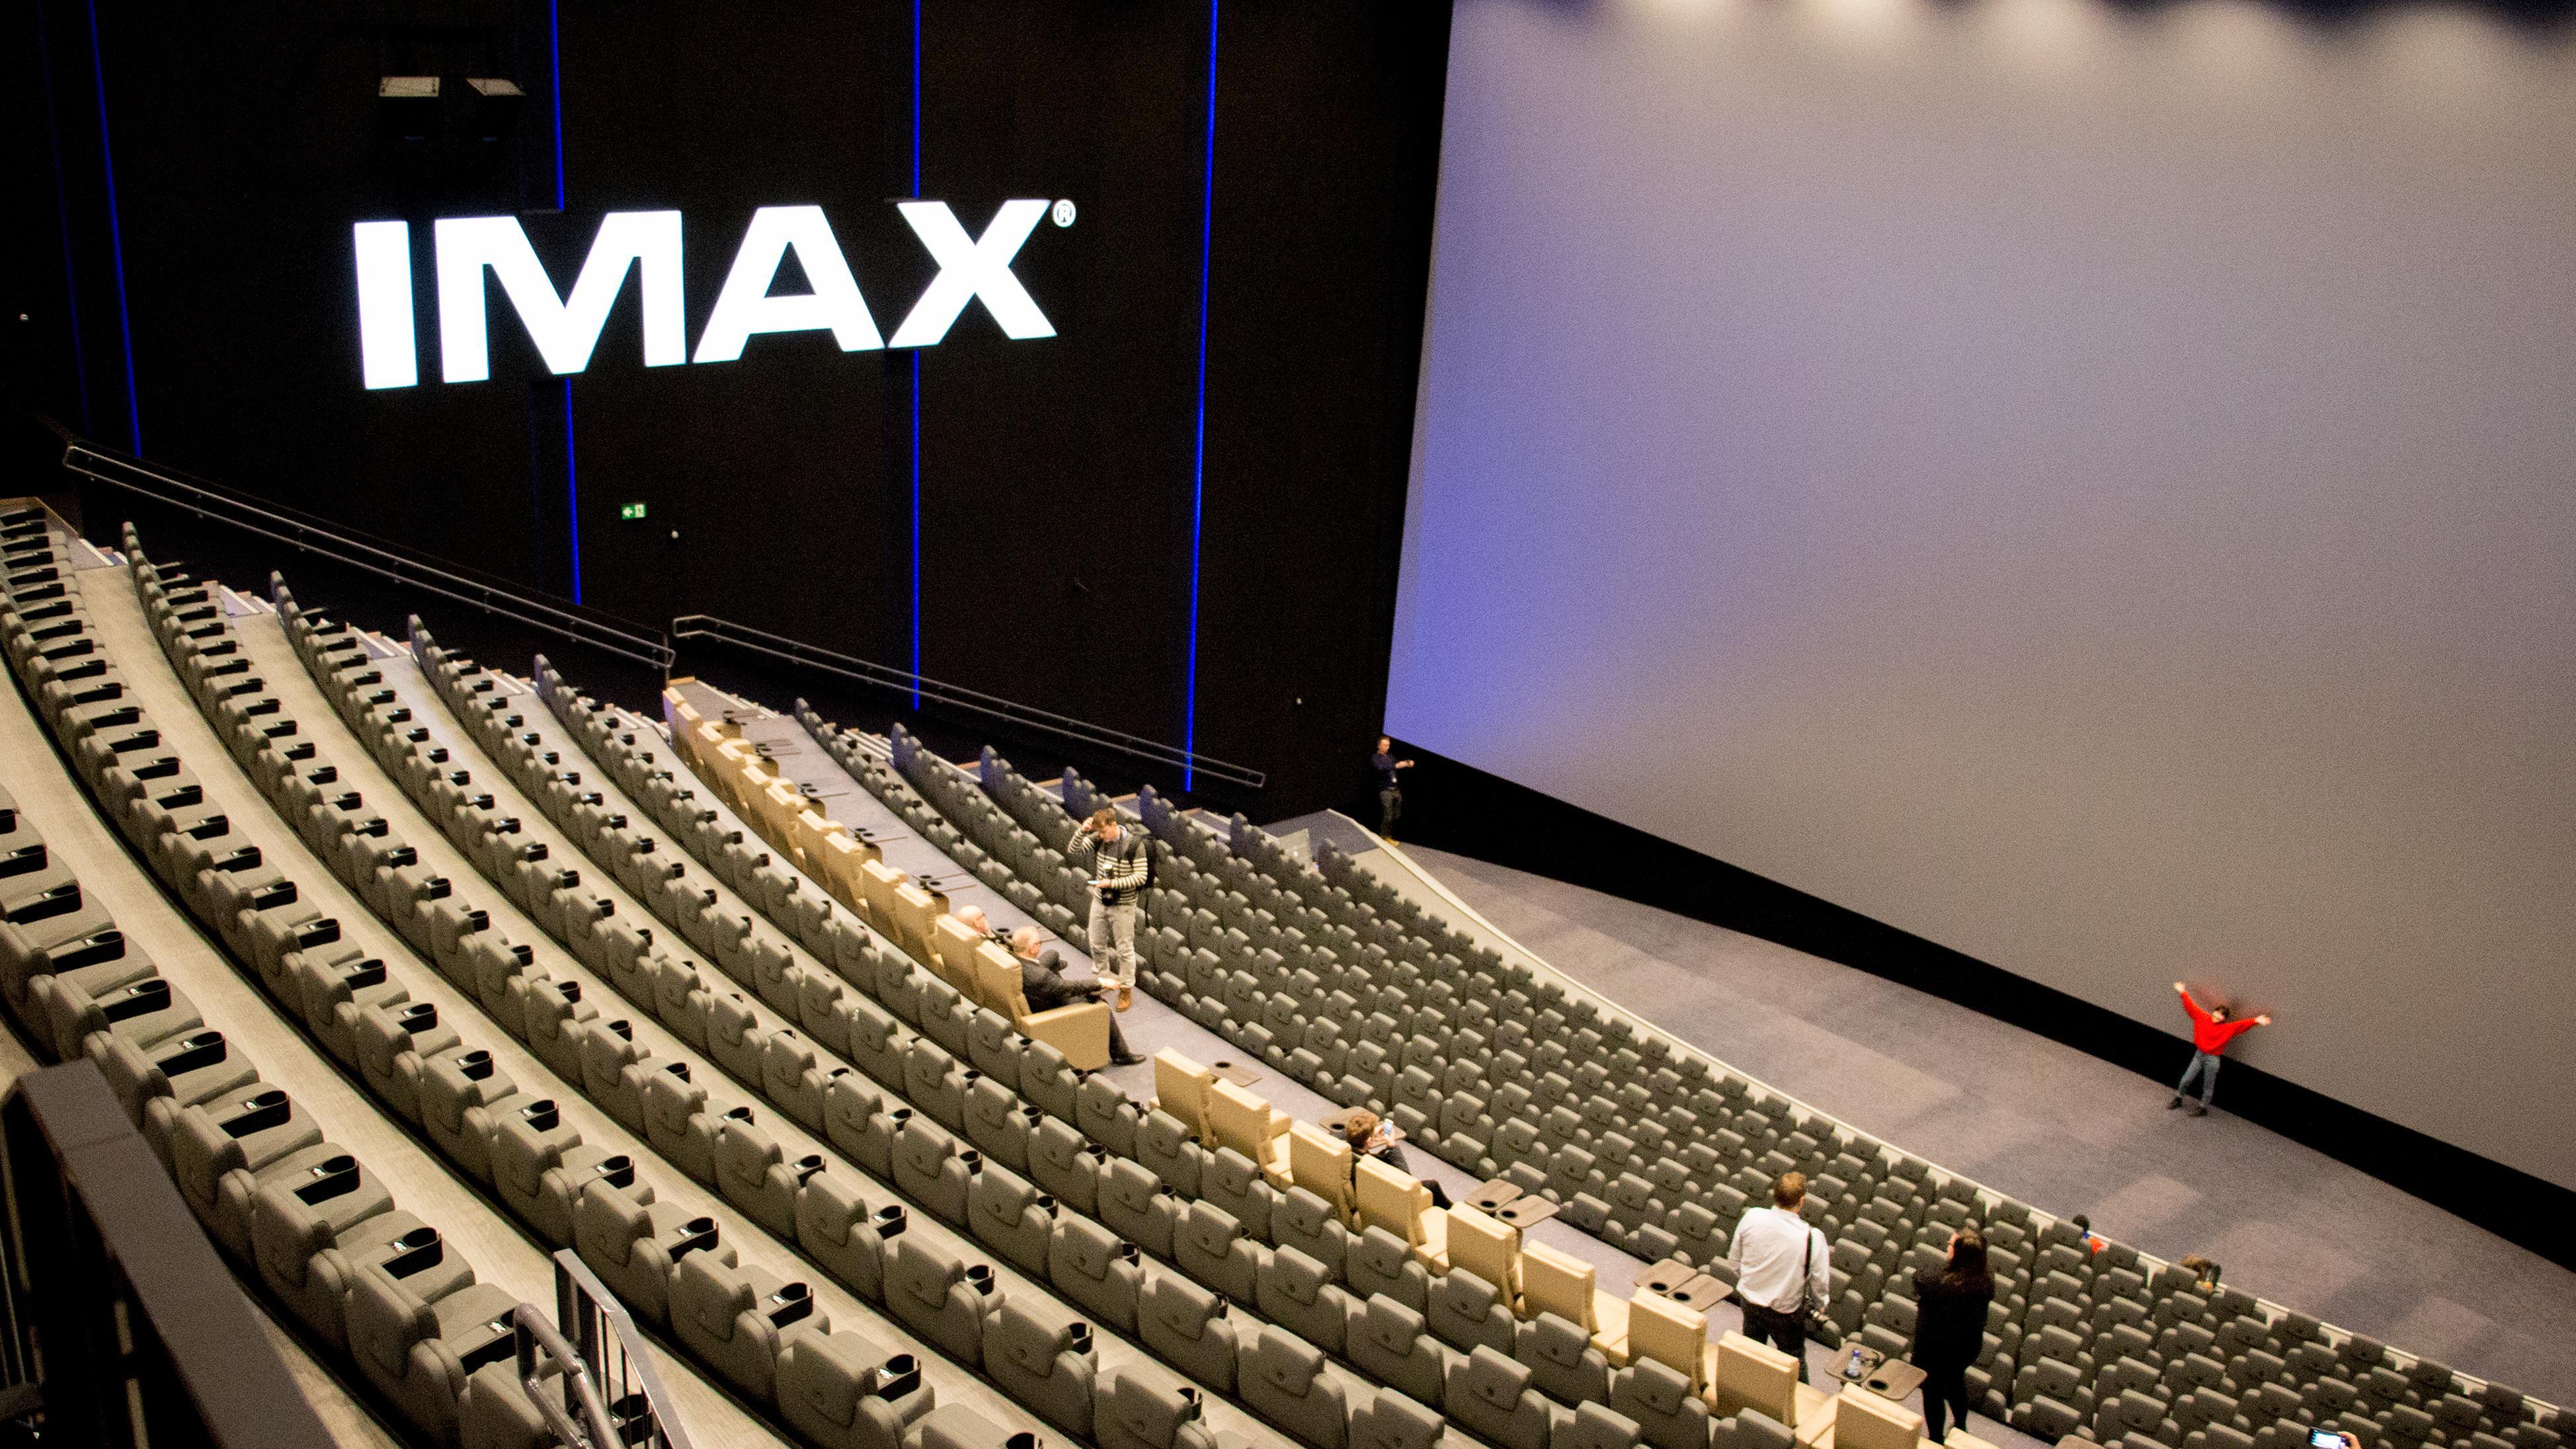 Vi har vært på Norges eneste IMAX-kino